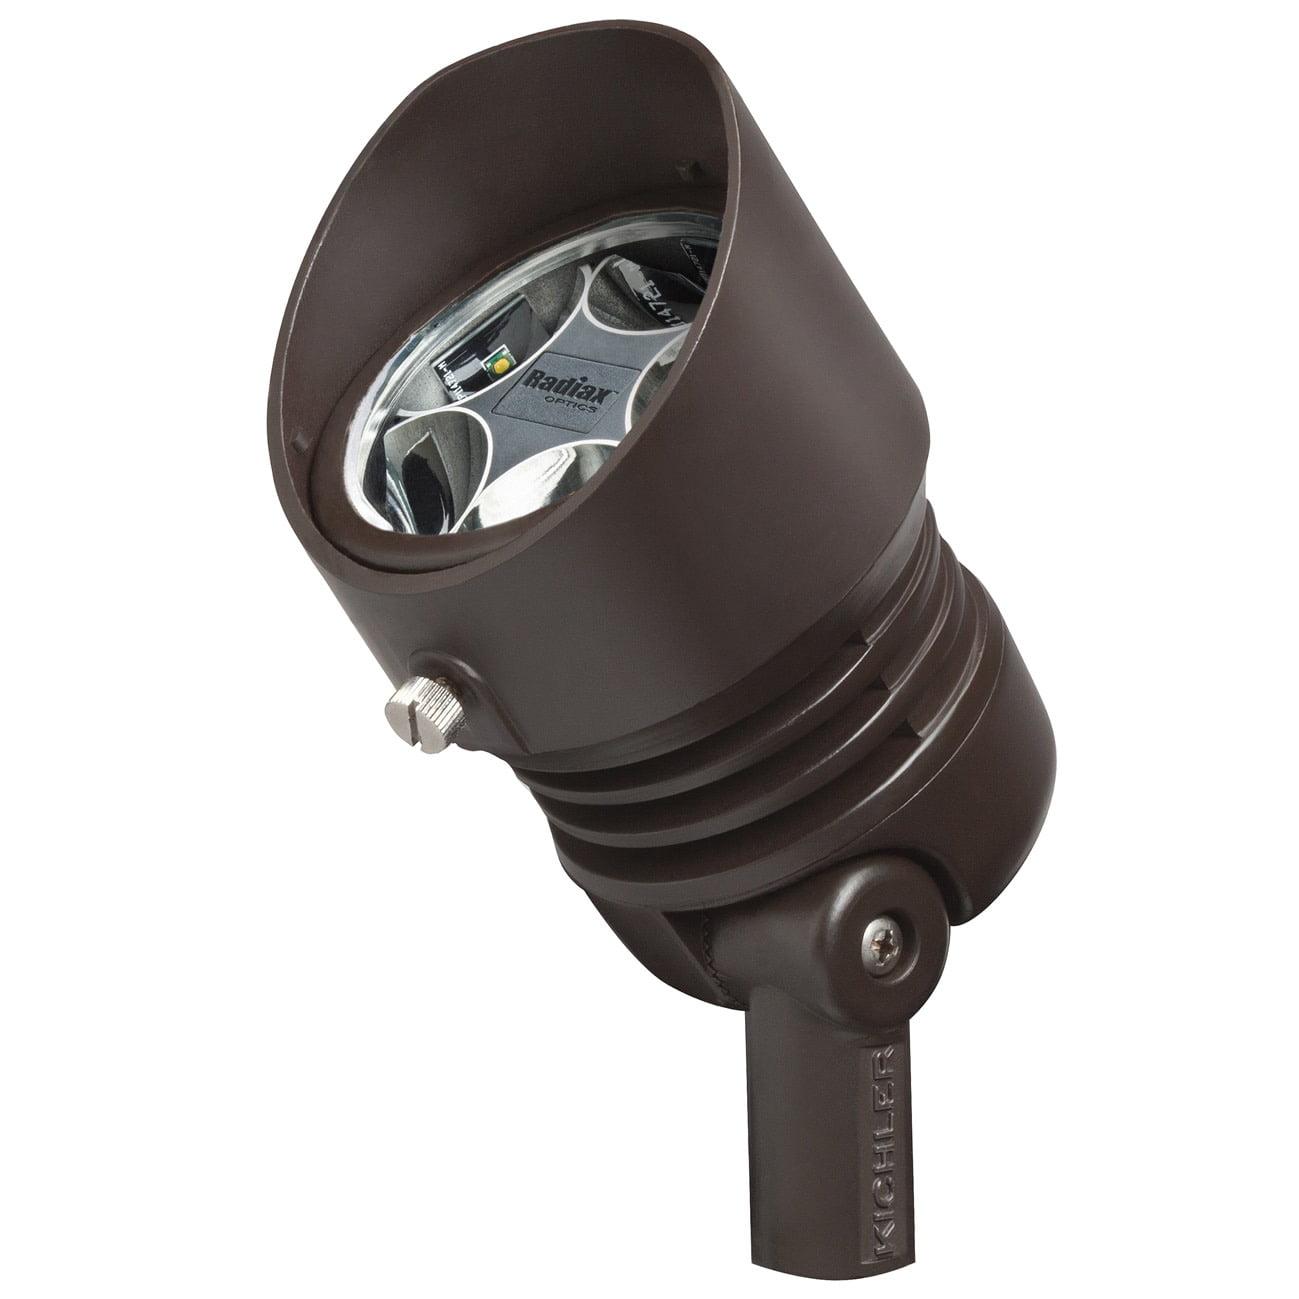 Kichler 16201-42 12.5W LED Accent Light - 4200K - 35 Degree Flood Beam